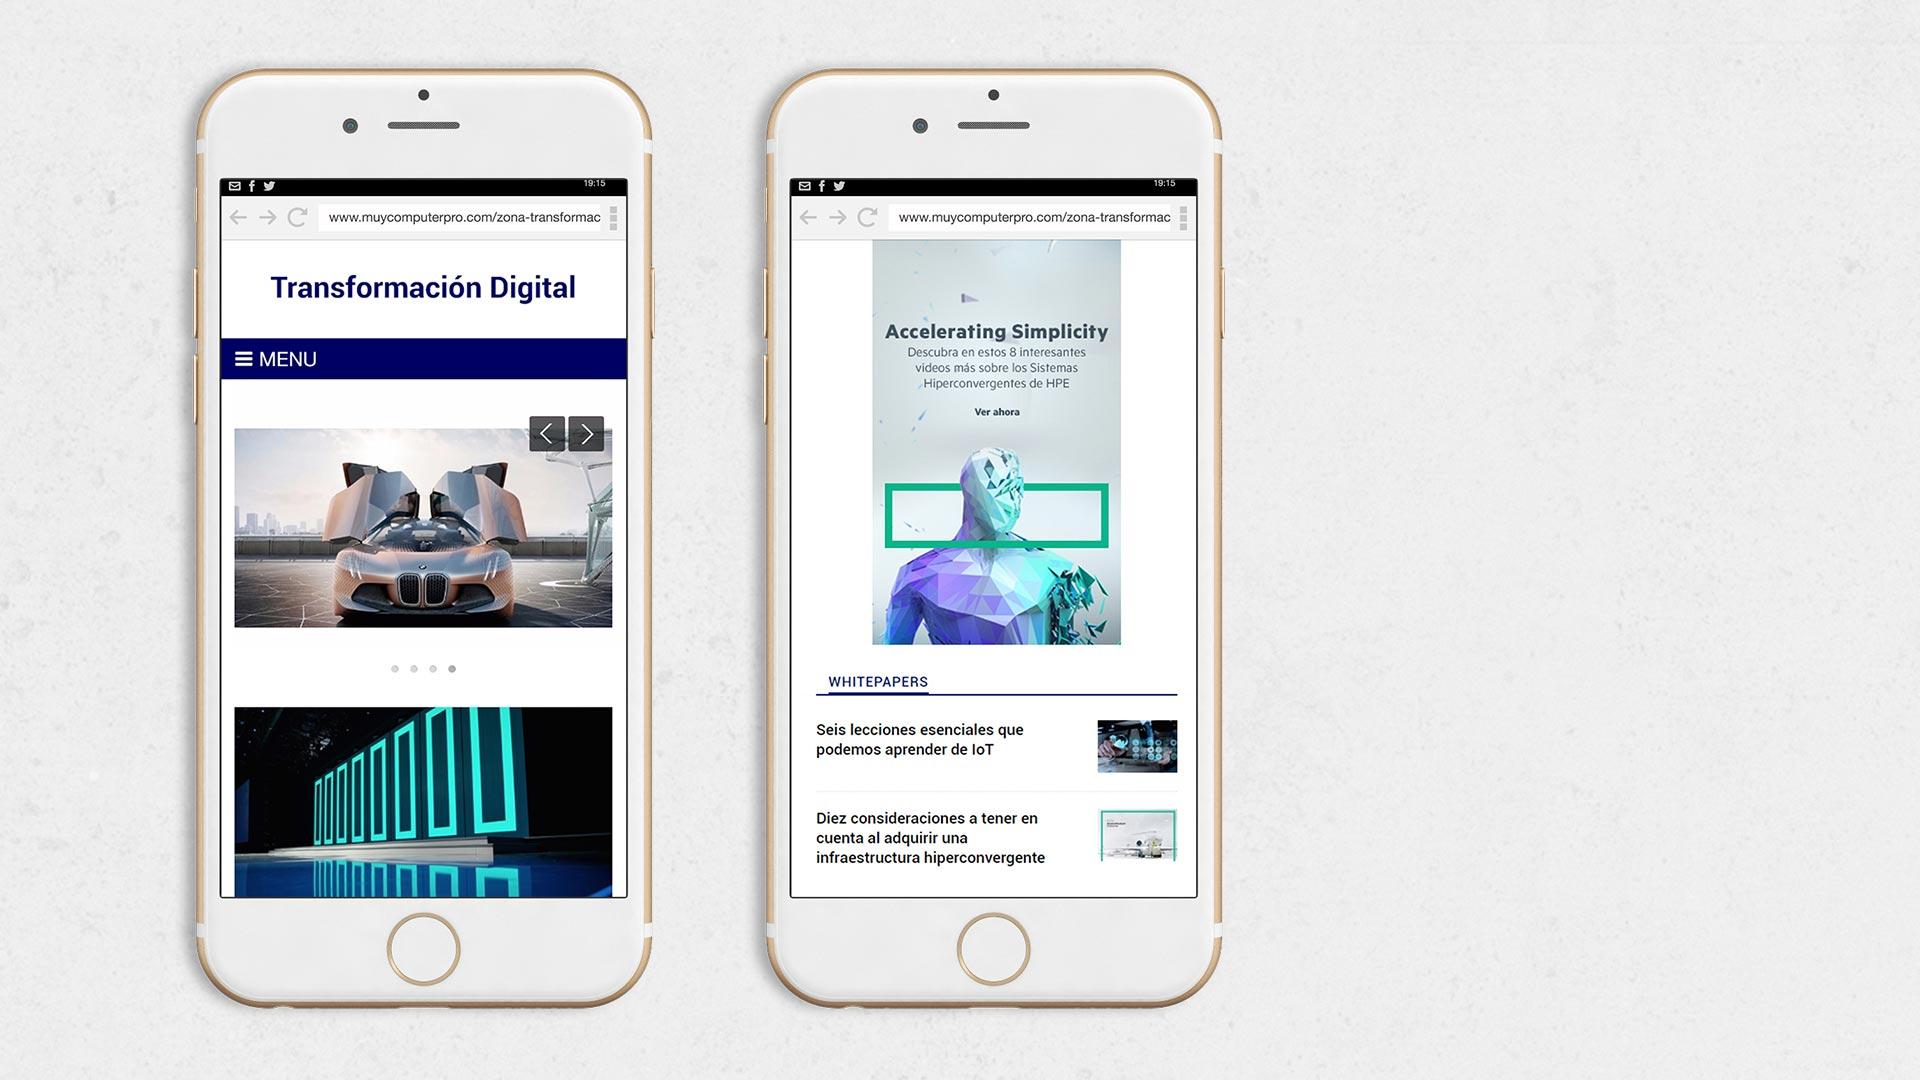 zona-hp-transformacion-digital-content-marketing-web-patrocinio-09